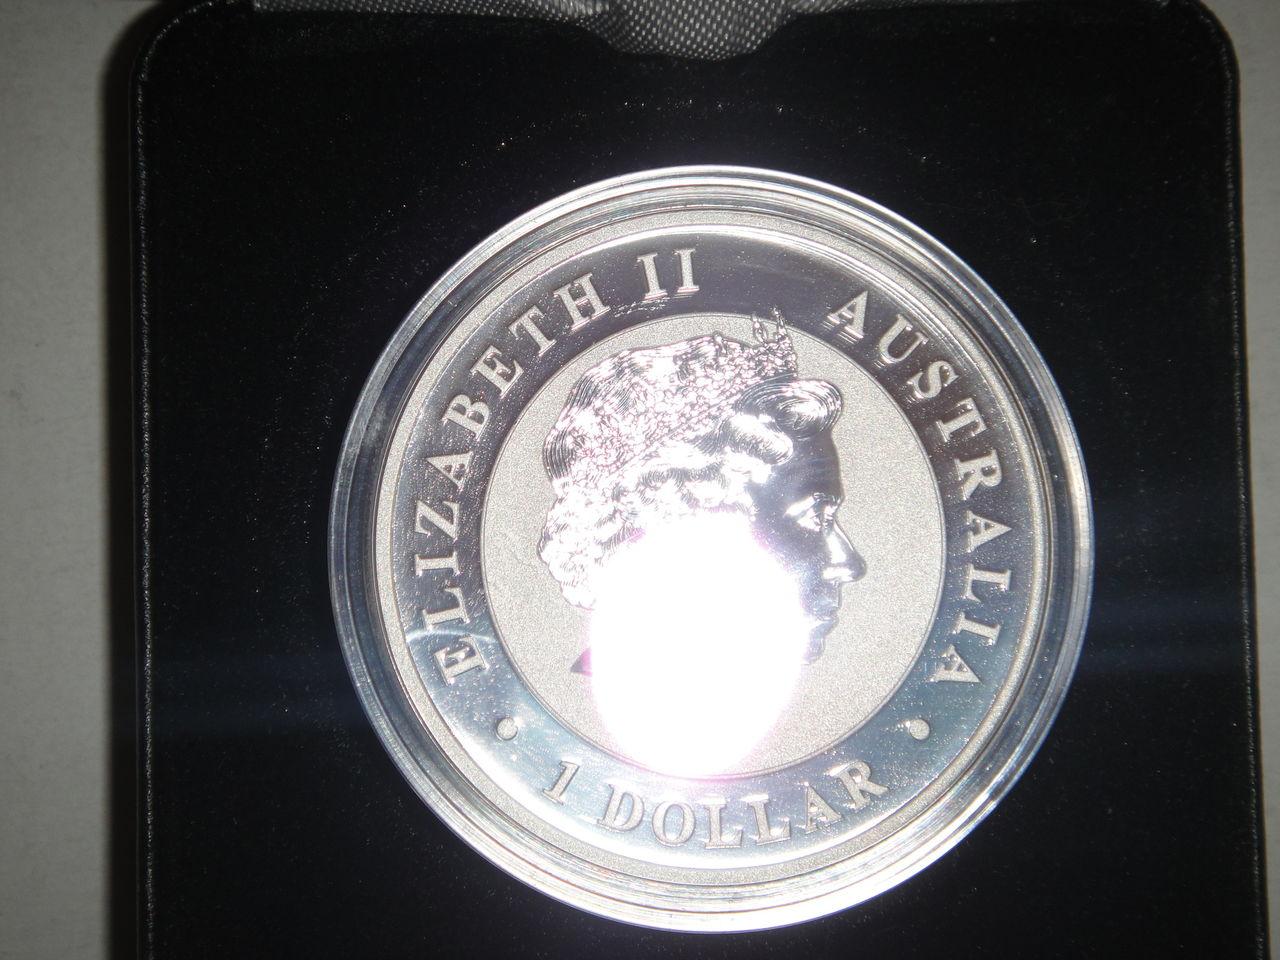 1 dolar Australian koala 2013 DSC02757